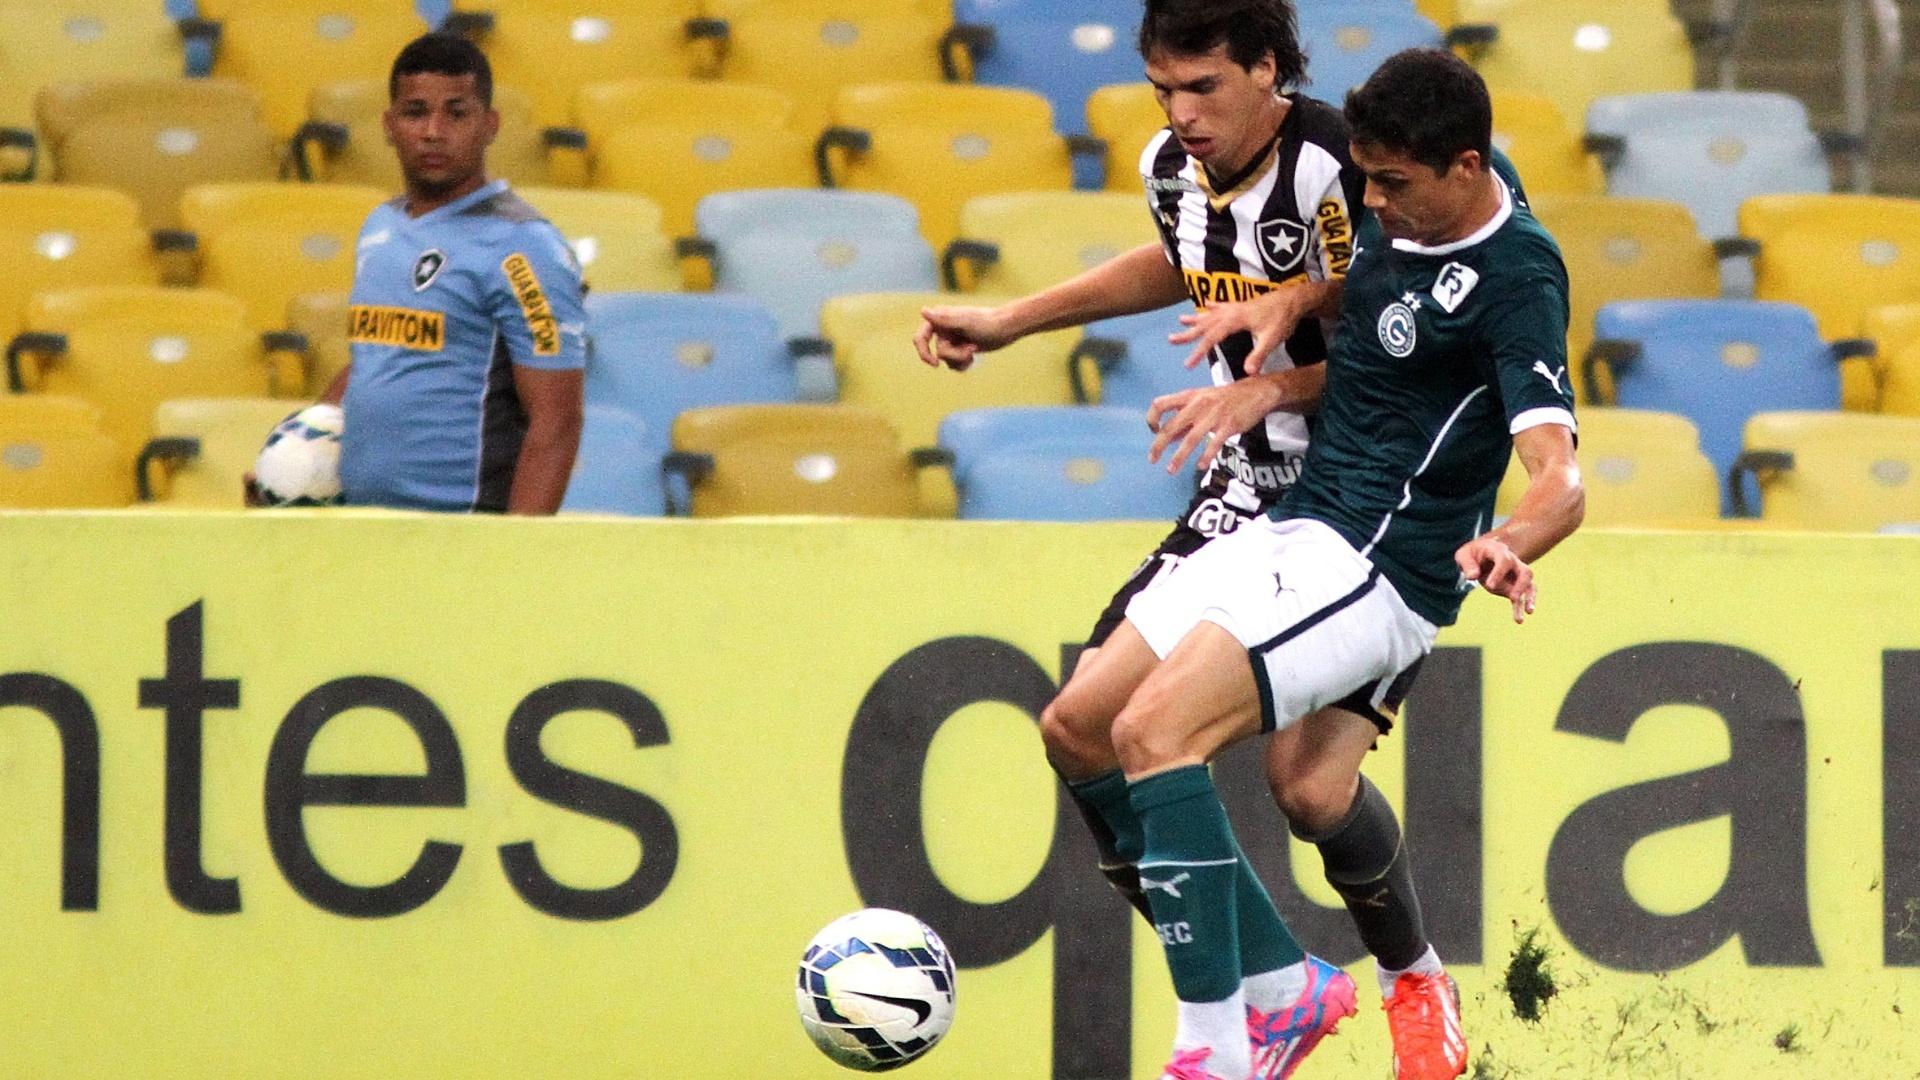 Jogadores de Botafogo e Goiás disputam a bola no duelo no Maracanã